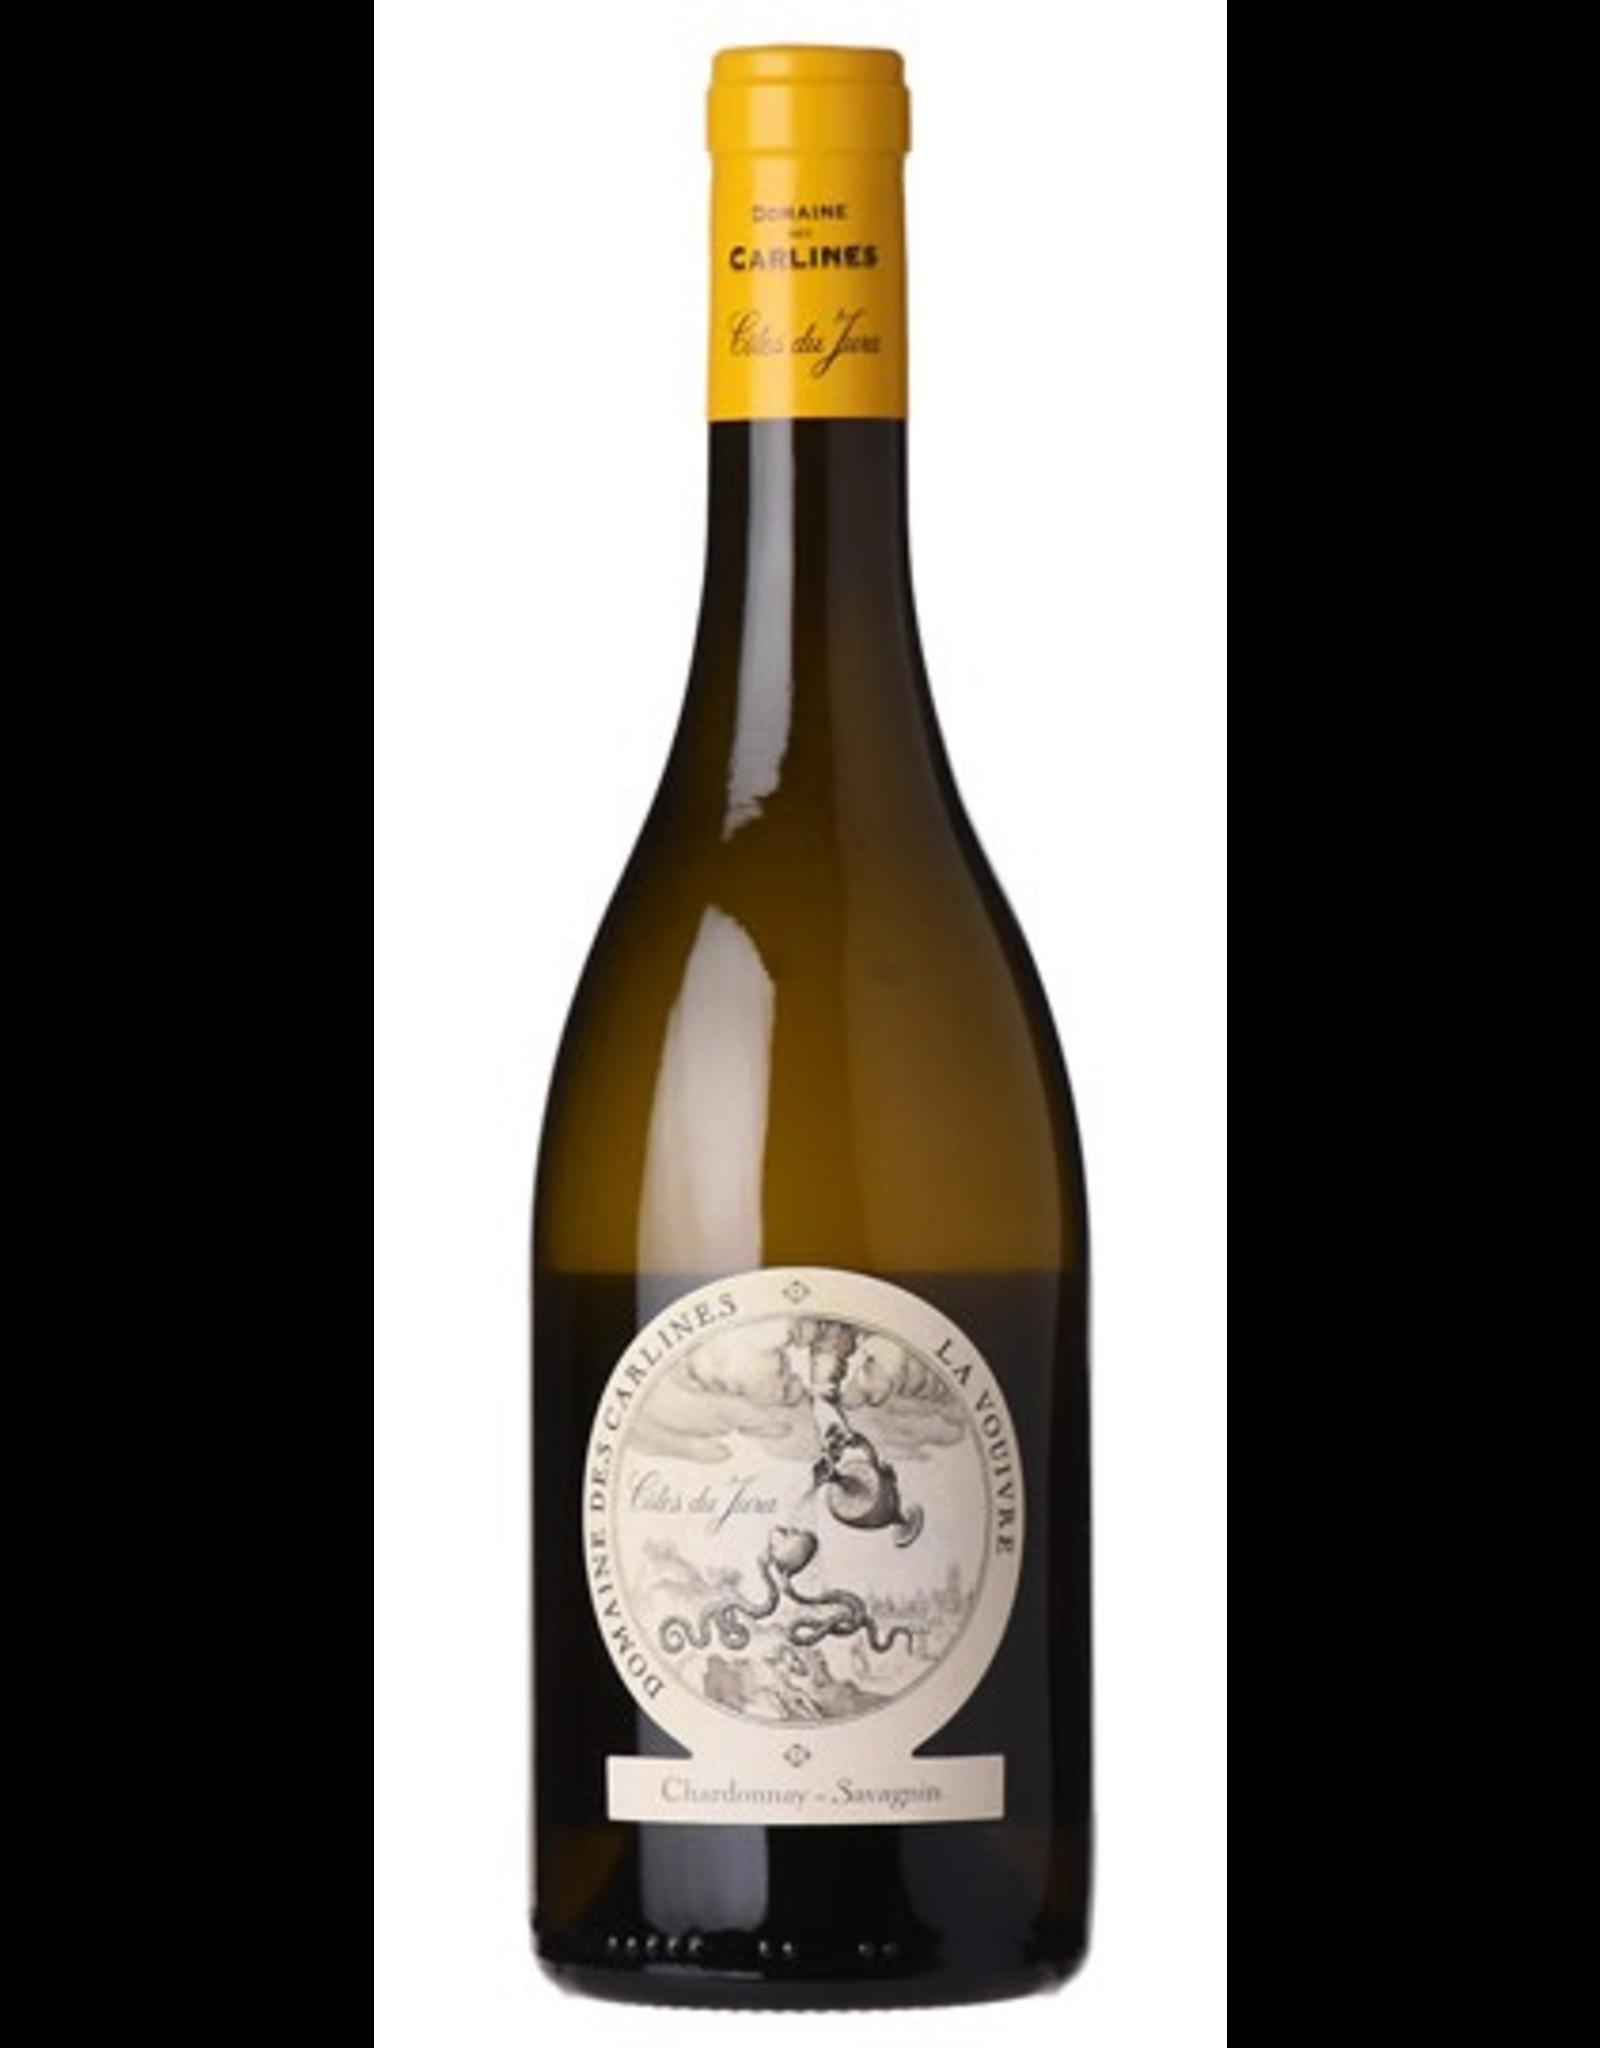 White Wine 2017, Domaine des Carlines La Vouivre, Chardonnay - Savagnin, Cotes du Jura, Jura, France, 14.4% Alc, CTnr, TW93